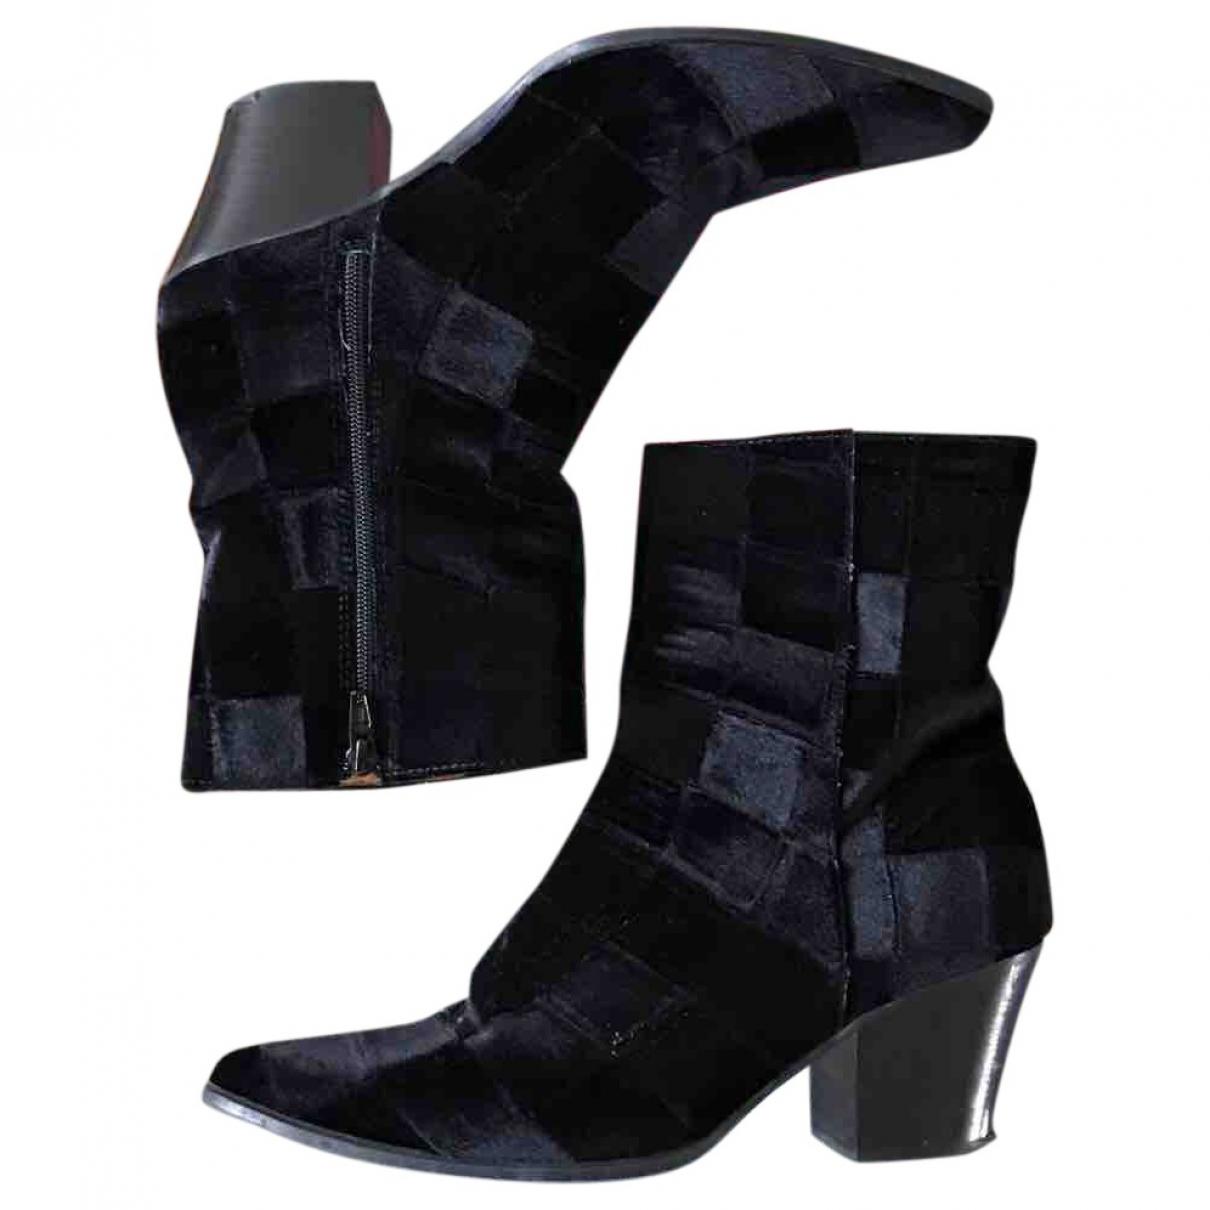 Miista - Boots   pour femme en velours - marine